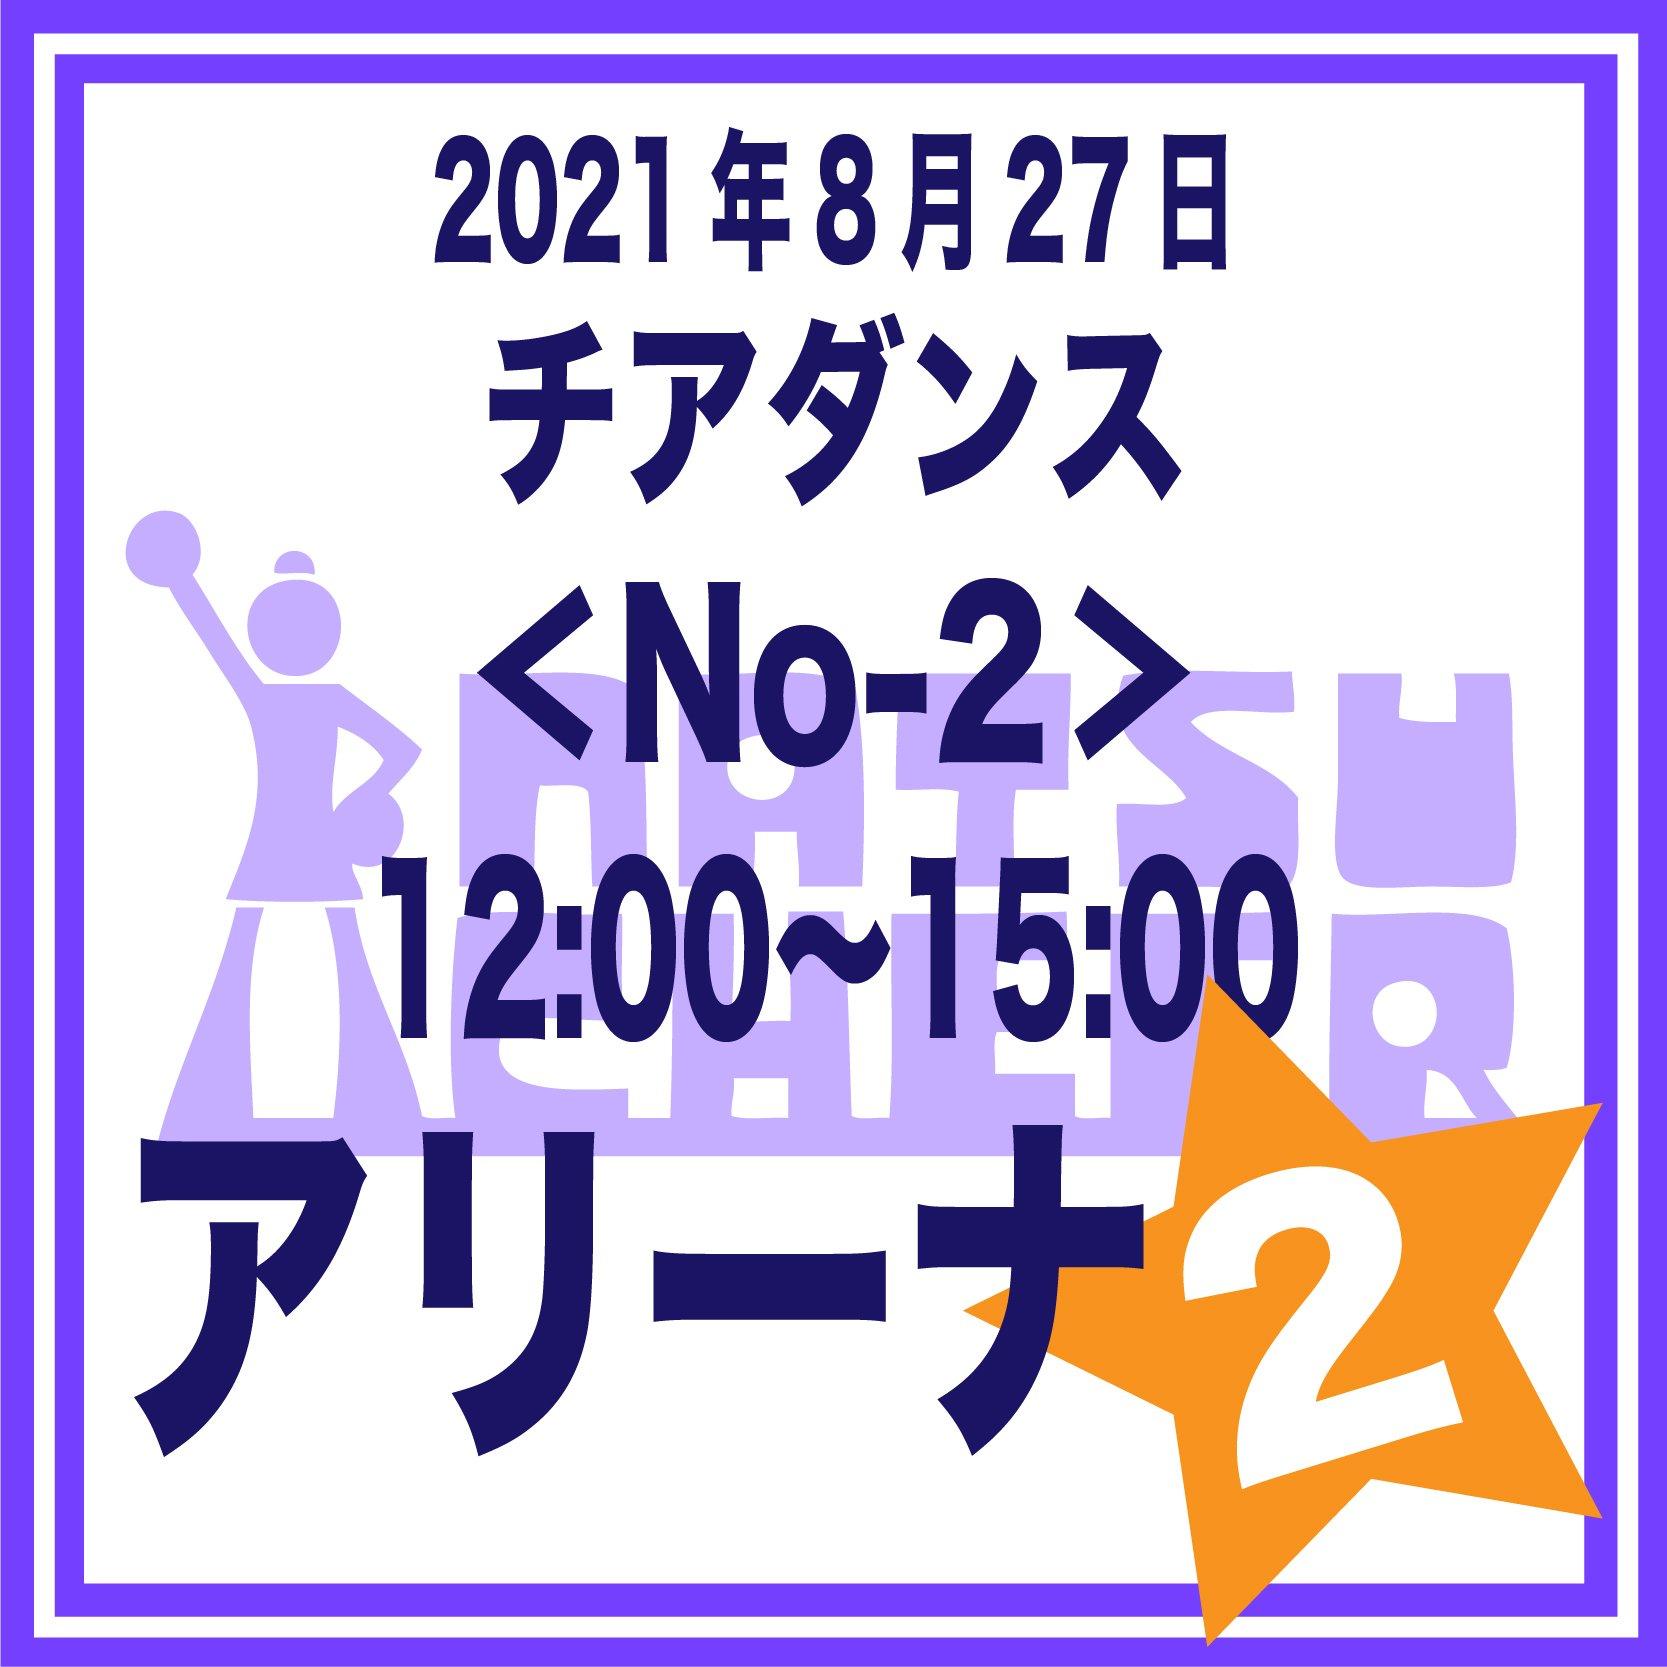 アリーナ席【ペア】 チアダンス<No-2>8/27 12:00〜15:00のイメージその1